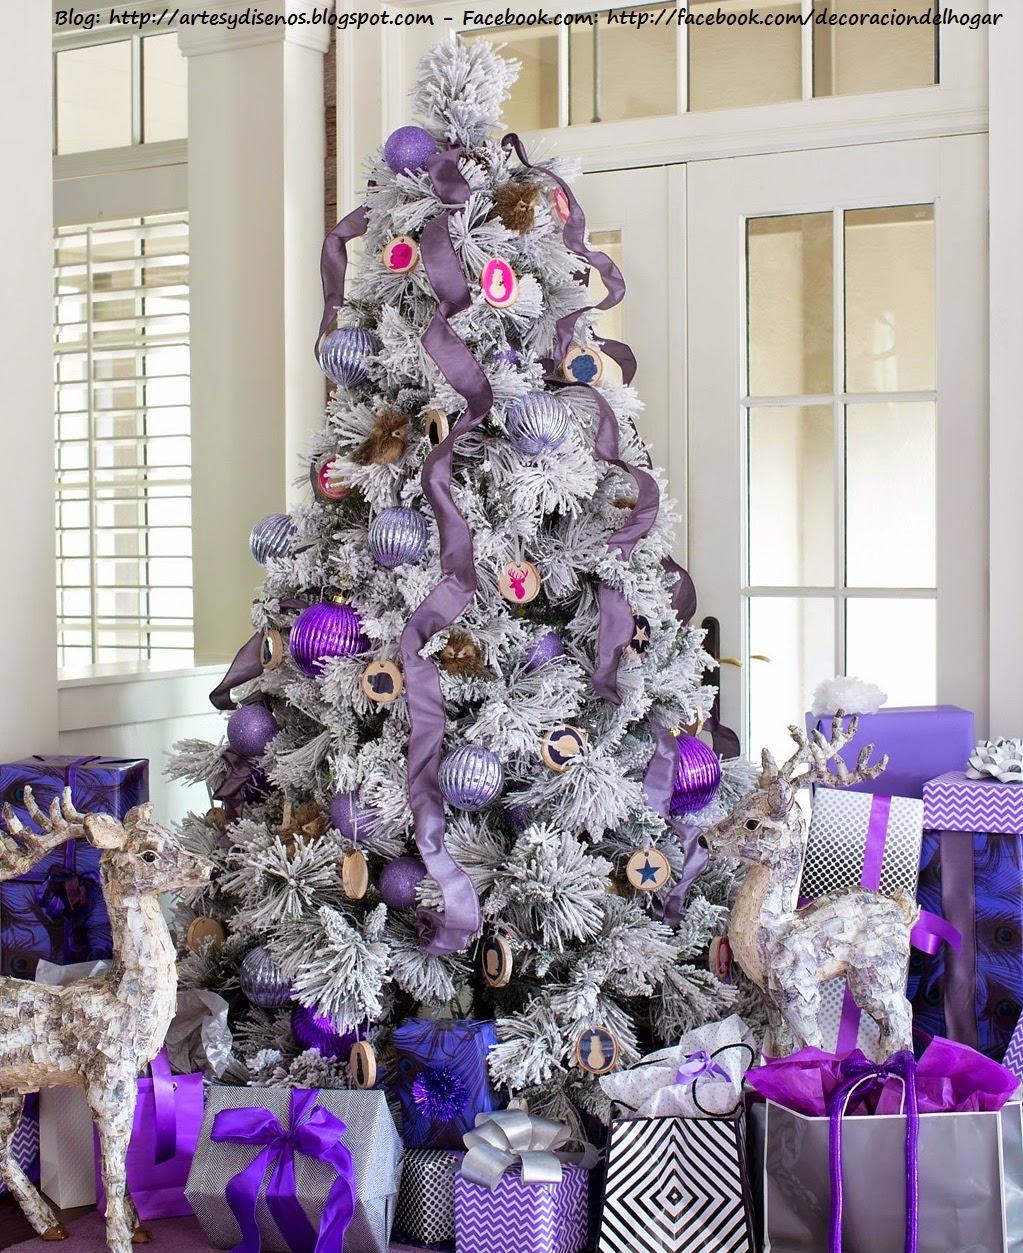 Decoracion arbol de navidad blanco y morado - Decoracion de navidad en casa ...